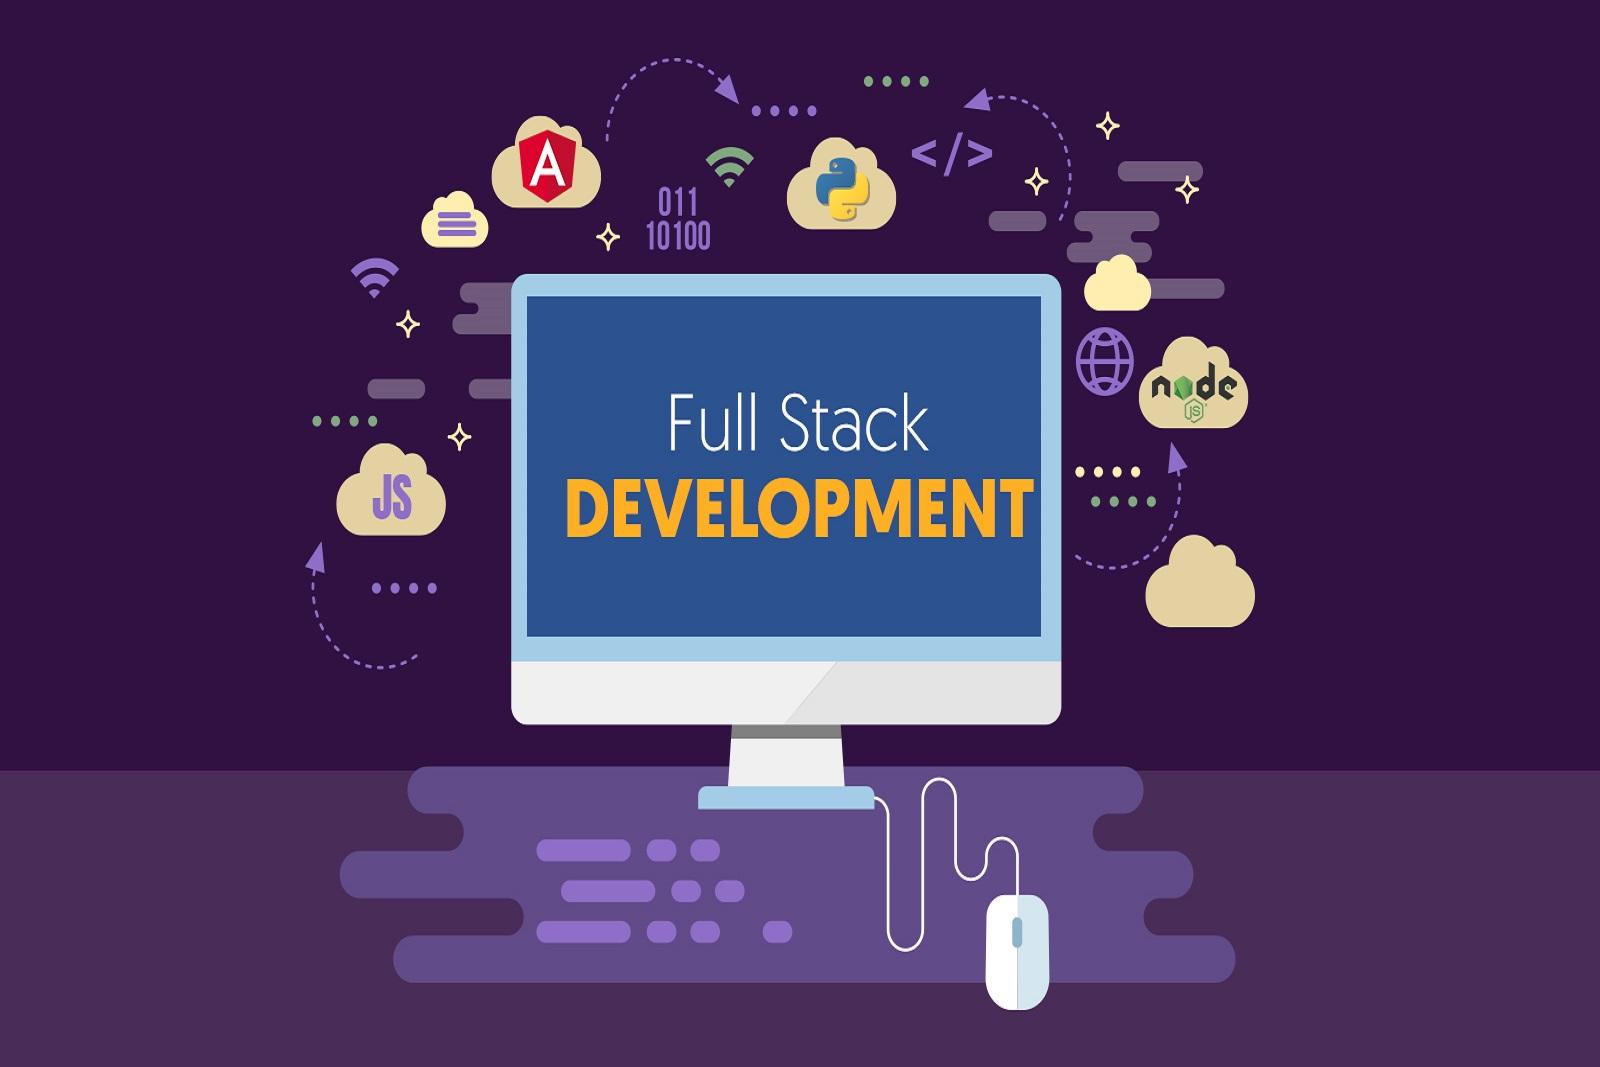 Lộ trình để trở thành một Full-Stack Developer 2018